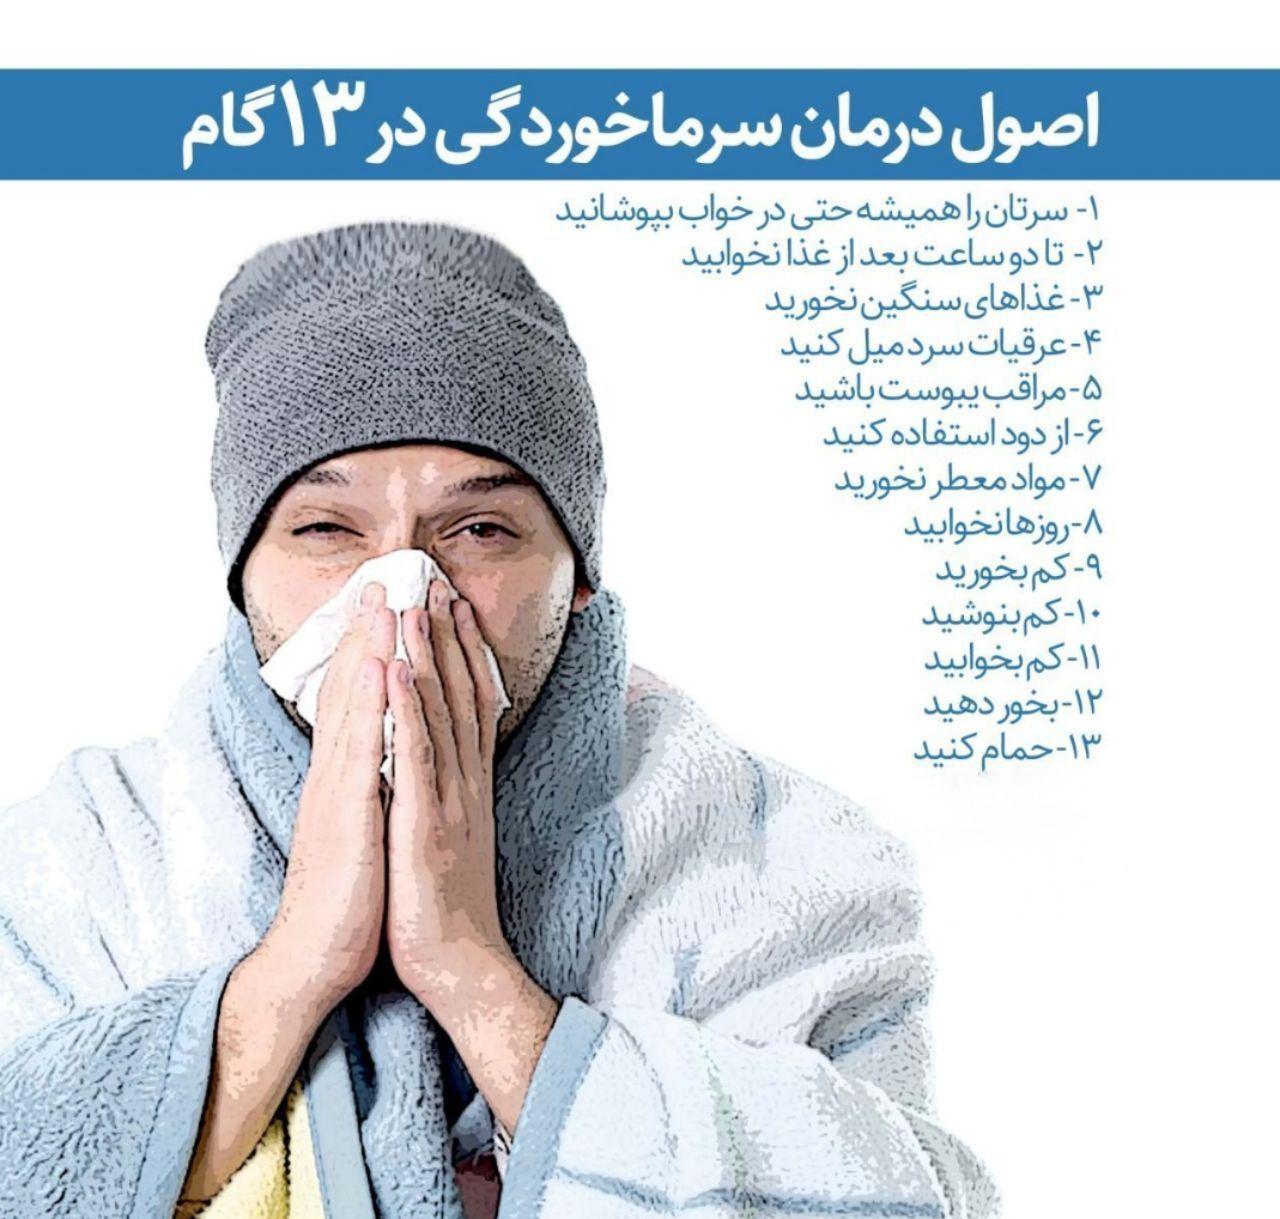 اصول سرماخوردگی در 13گام